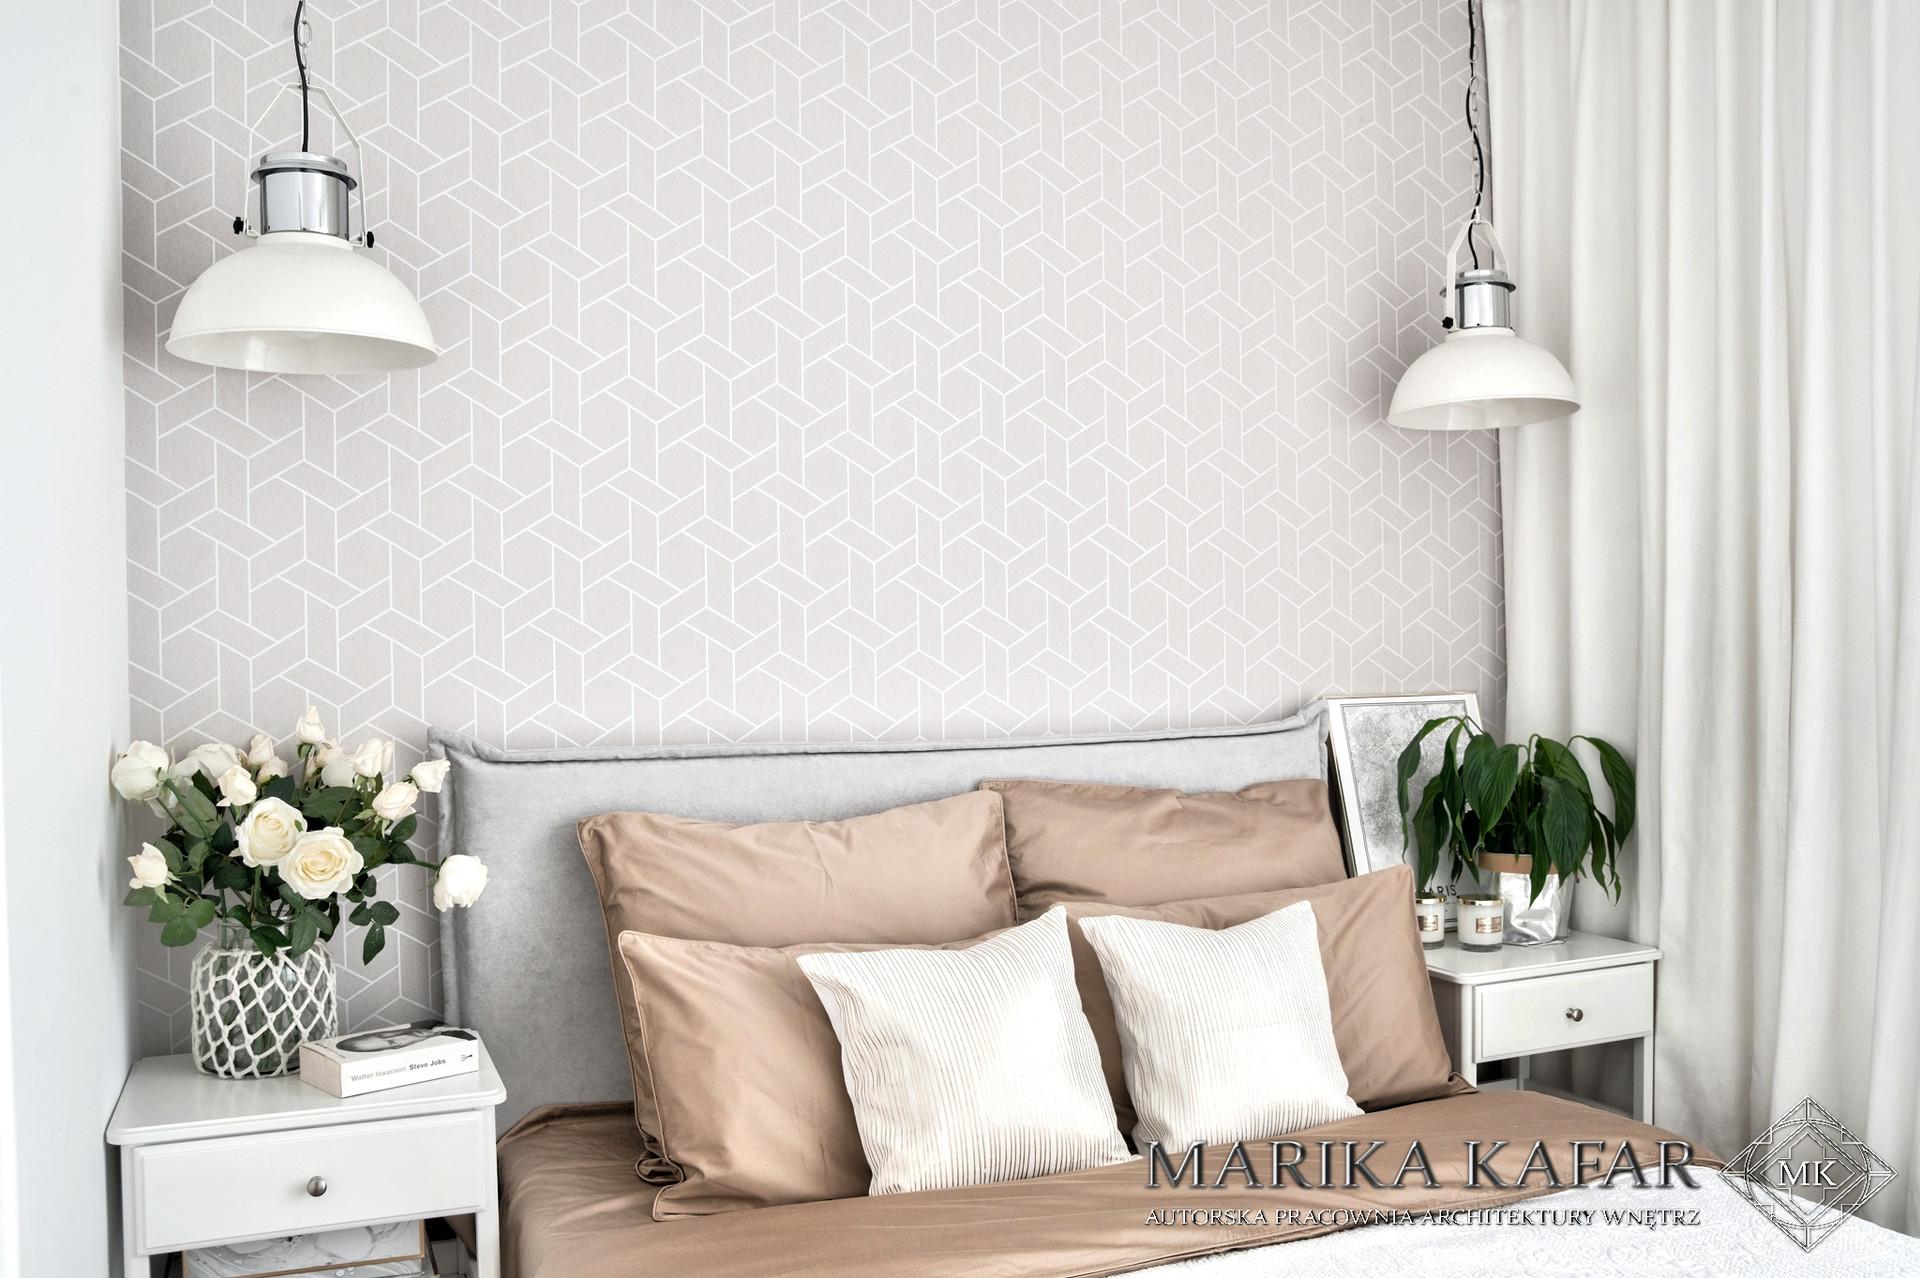 Marika Kafar. Minimalistyczna sypialnia, z loftowymi lampami, zamiast lamek nocnych.